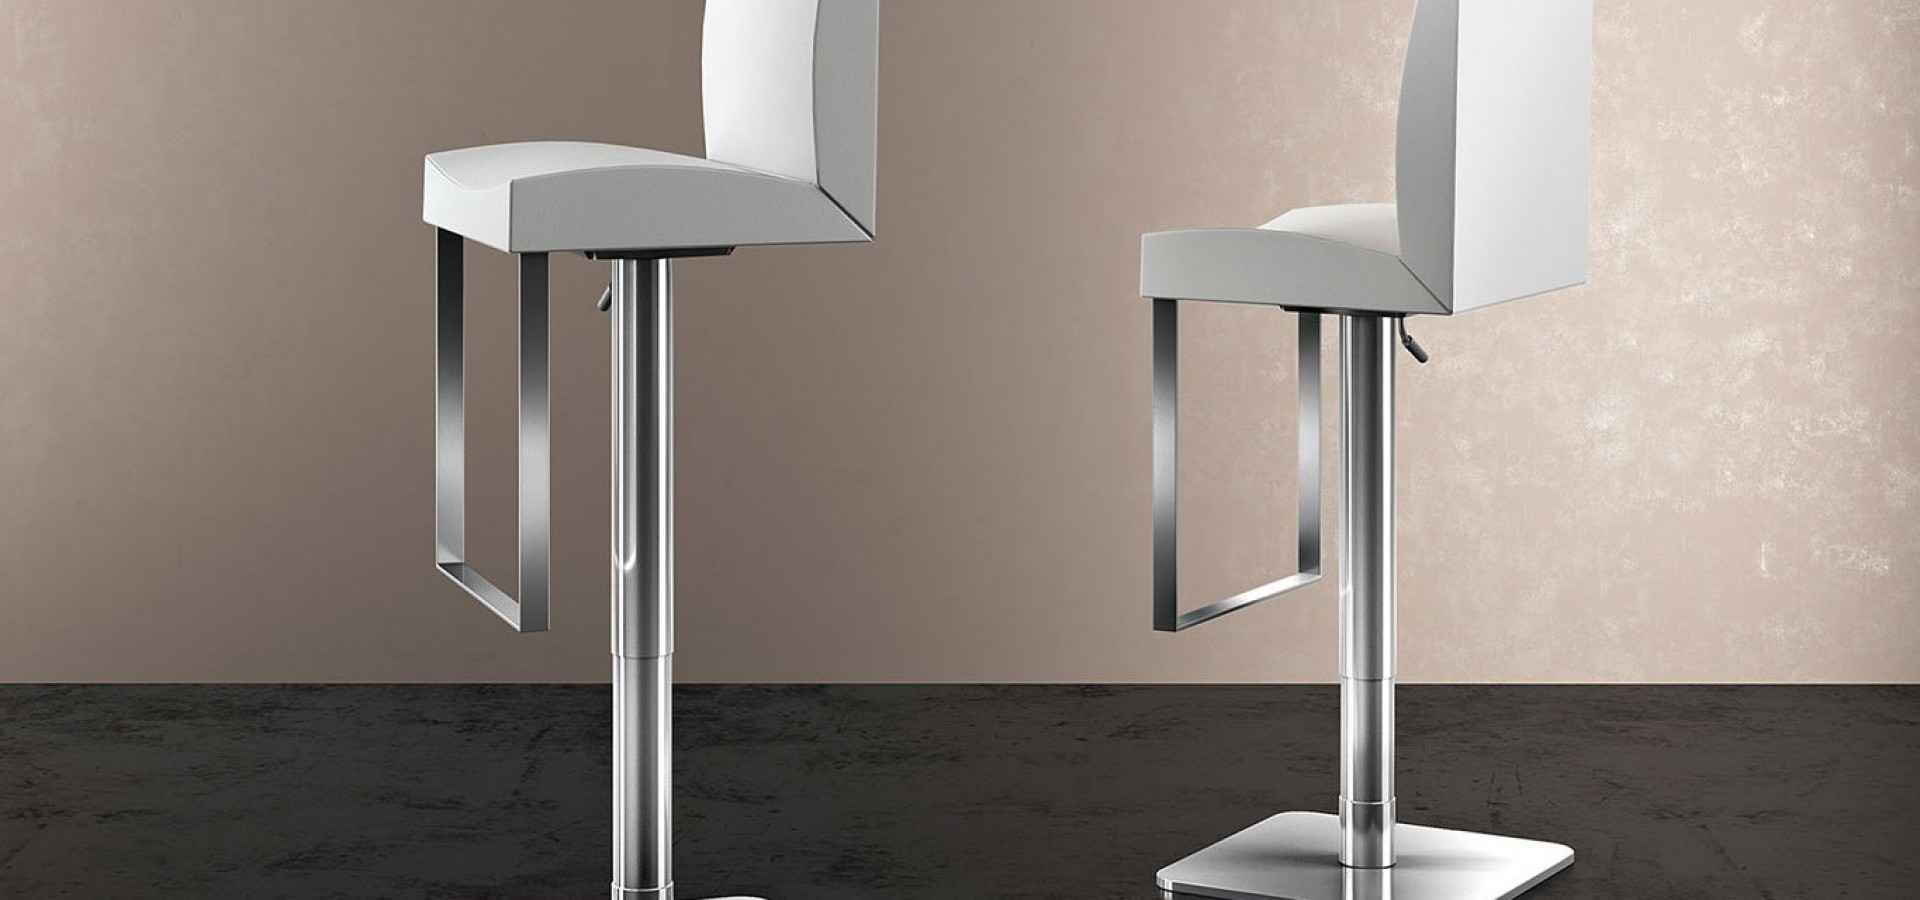 Итальянский стул Барный стул Maximus   Стул Барный стул Maximus ARREDO3